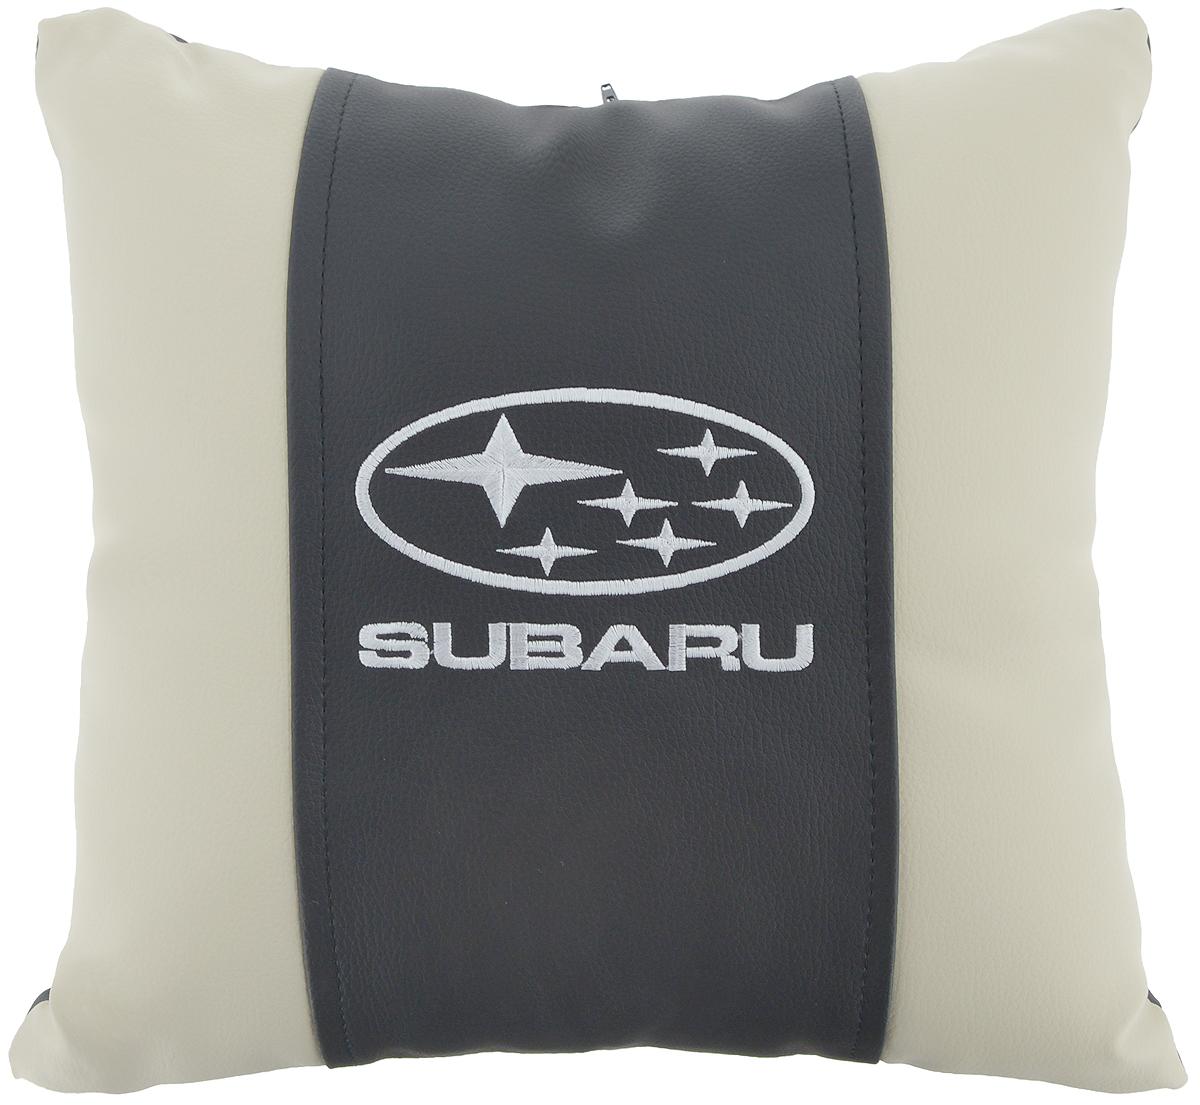 Подушка на сиденье Autoparts Subaru, 30 х 30 смT100Подушка на сиденье Autoparts Subaru создана для тех, кто весь свой день вынужден проводить за рулем. Чехол выполнен из высококачественной дышащей экокожи. Наполнителем служит холлофайбер. На задней части подушки имеется змейка.Особенности подушки:- Хорошо проветривается.- Предупреждает потение.- Поддерживает комфортную температуру.- Обминается по форме тела.- Улучшает кровообращение.- Исключает затечные явления.- Предупреждает развитие заболеваний, связанных с сидячим образом жизни. Подушка также будет полезна и дома - при работе за компьютером, школьникам - при выполнении домашних работ, да и в любимом кресле перед телевизором.